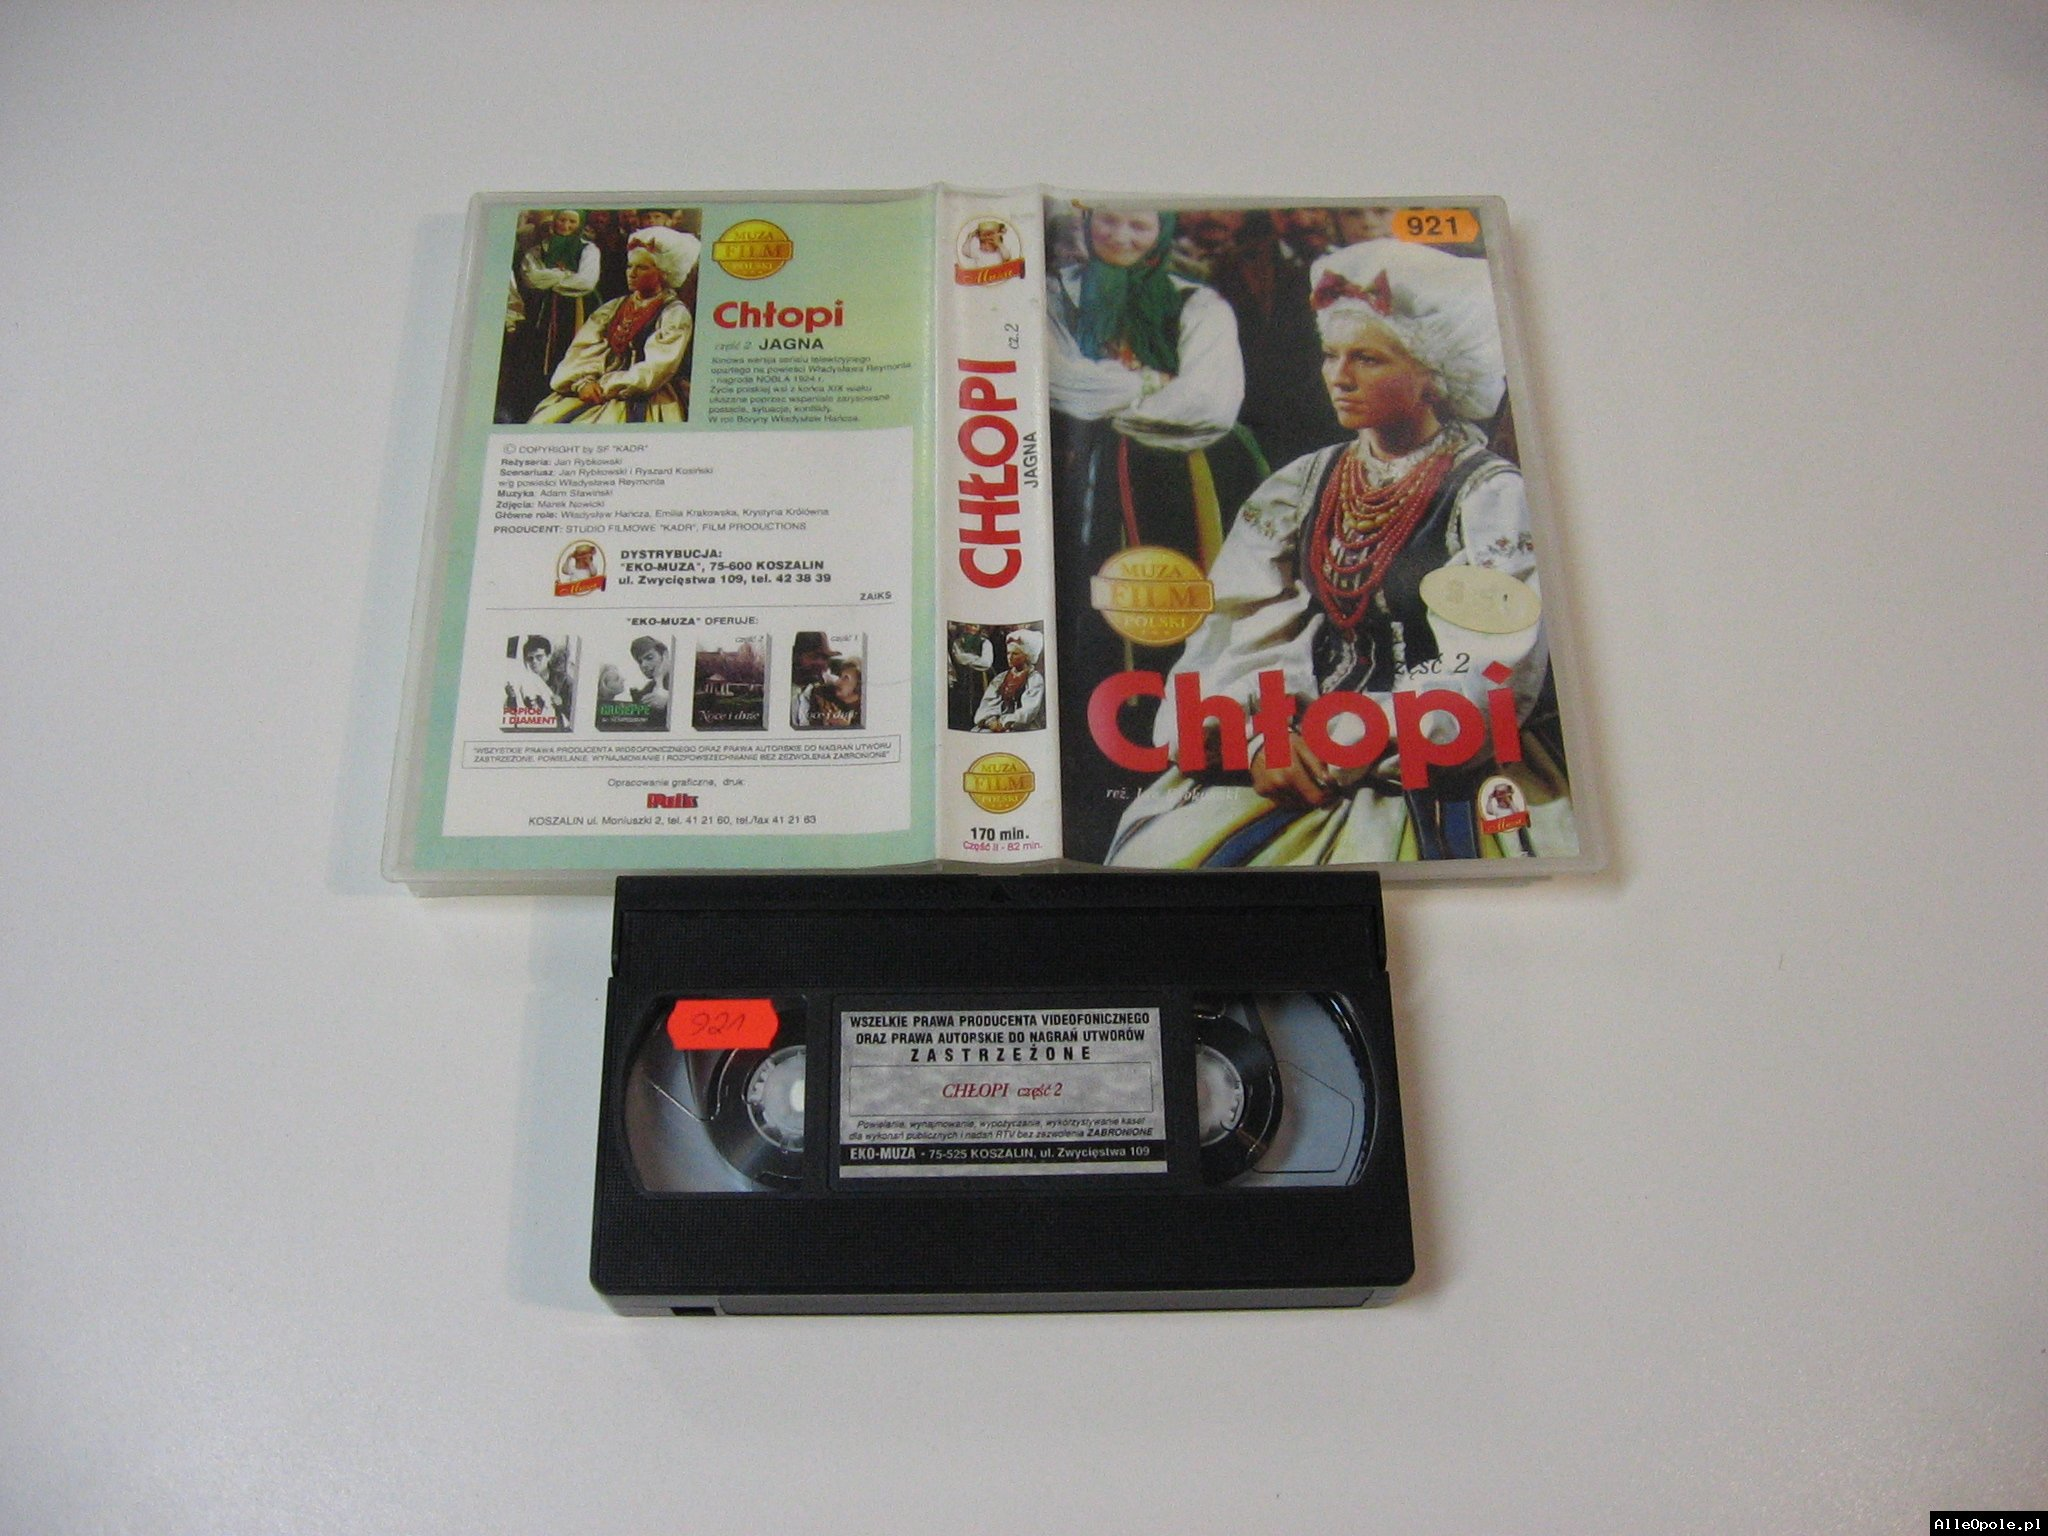 CHŁOPI 2 - VHS Kaseta Video - Opole 1781